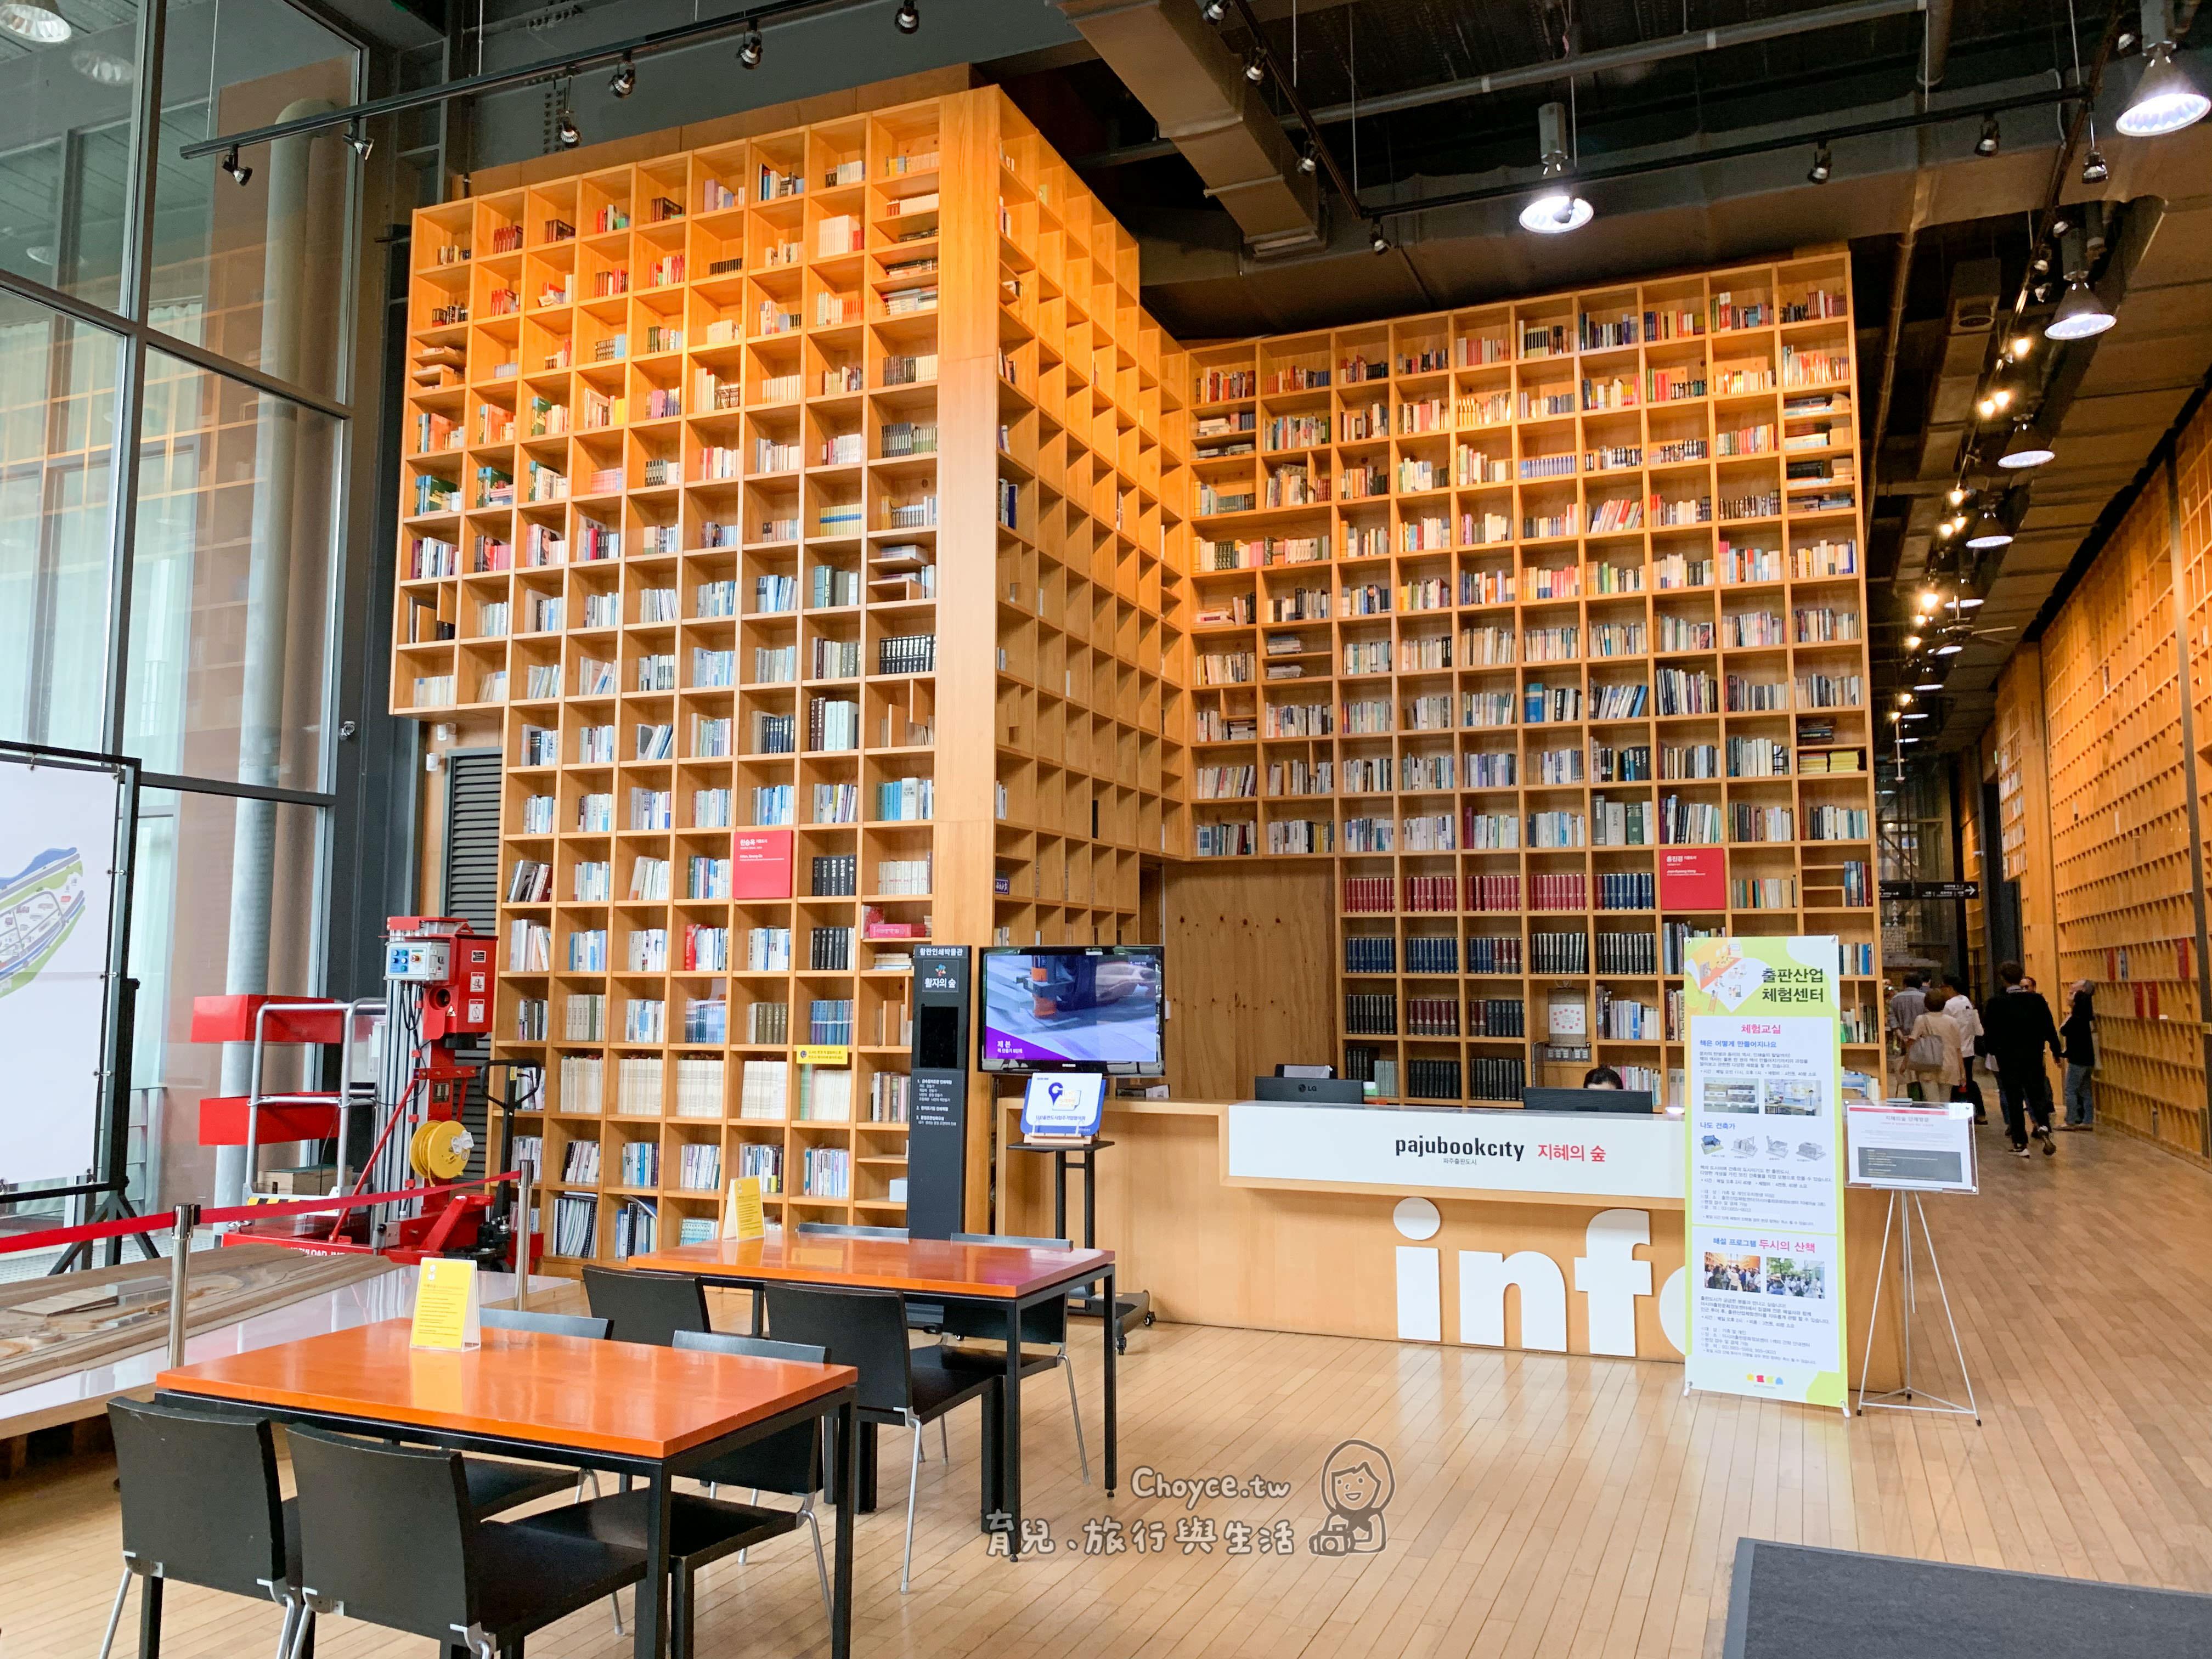 首爾|親子自助行 坡州夢想文創圖書館 韓劇御用場景 可以邊喝咖啡邊看書 讓人不想離去的文創空間